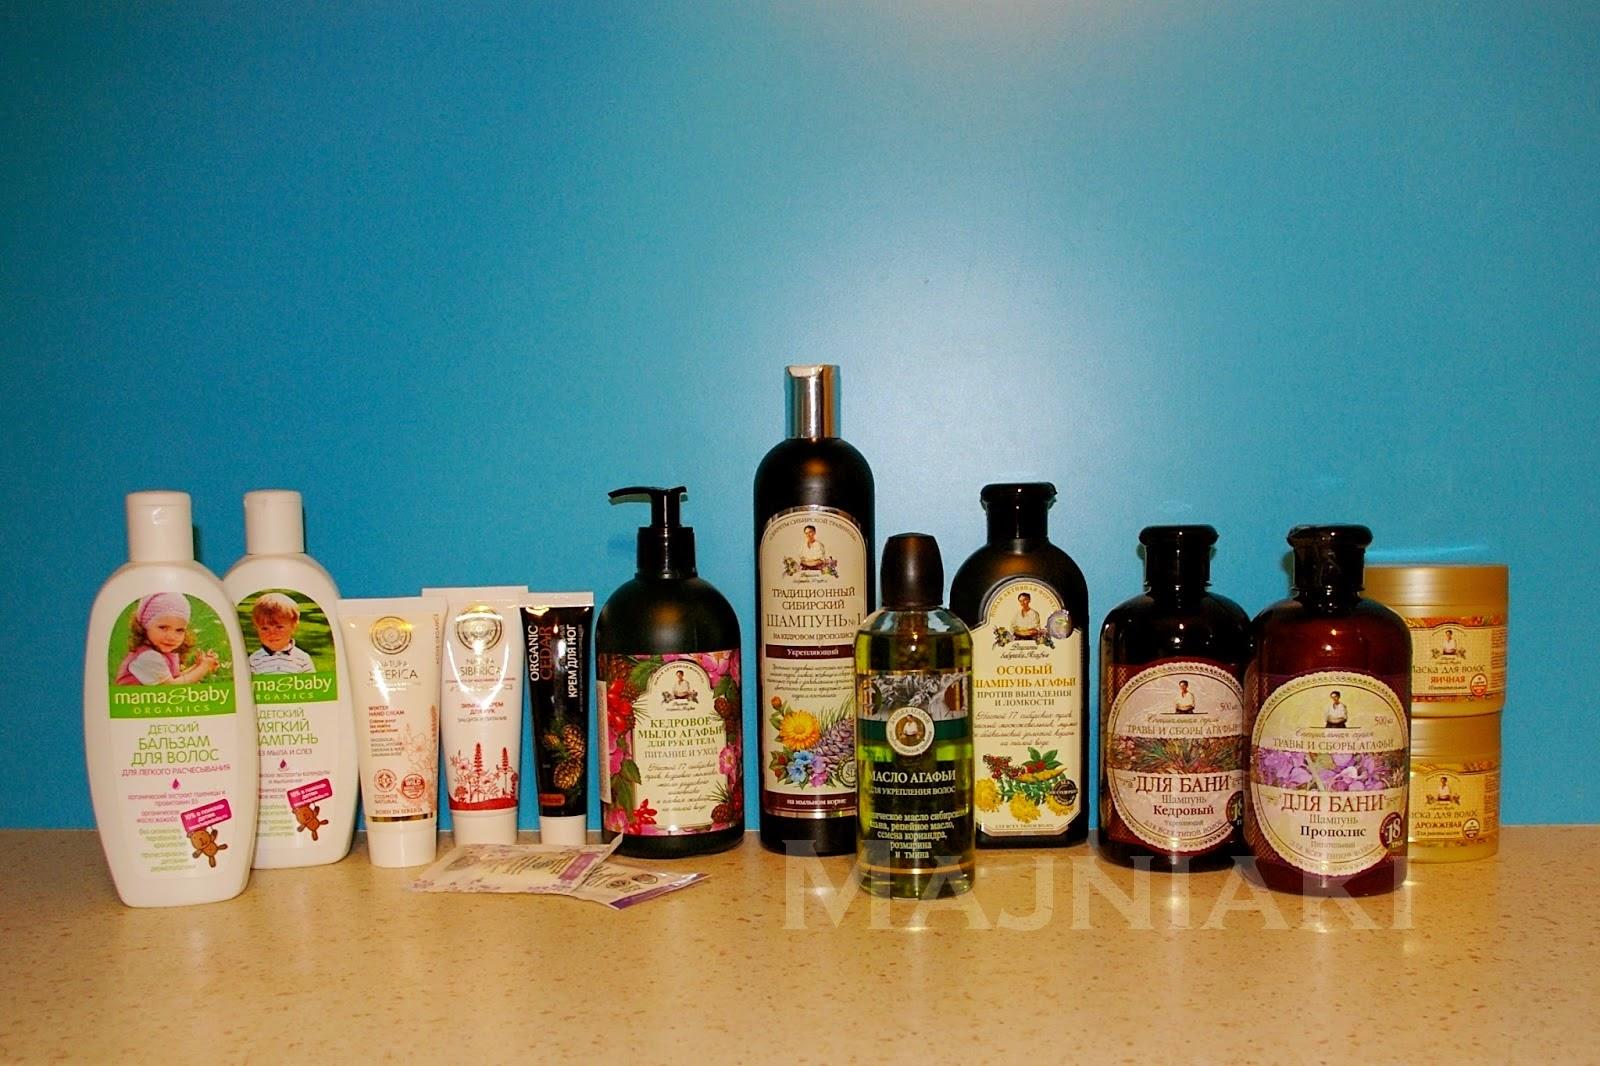 kosmetyki ekologiczne, babuszka agafii, natura siberica, mama and baby, pielęgnacja włosów